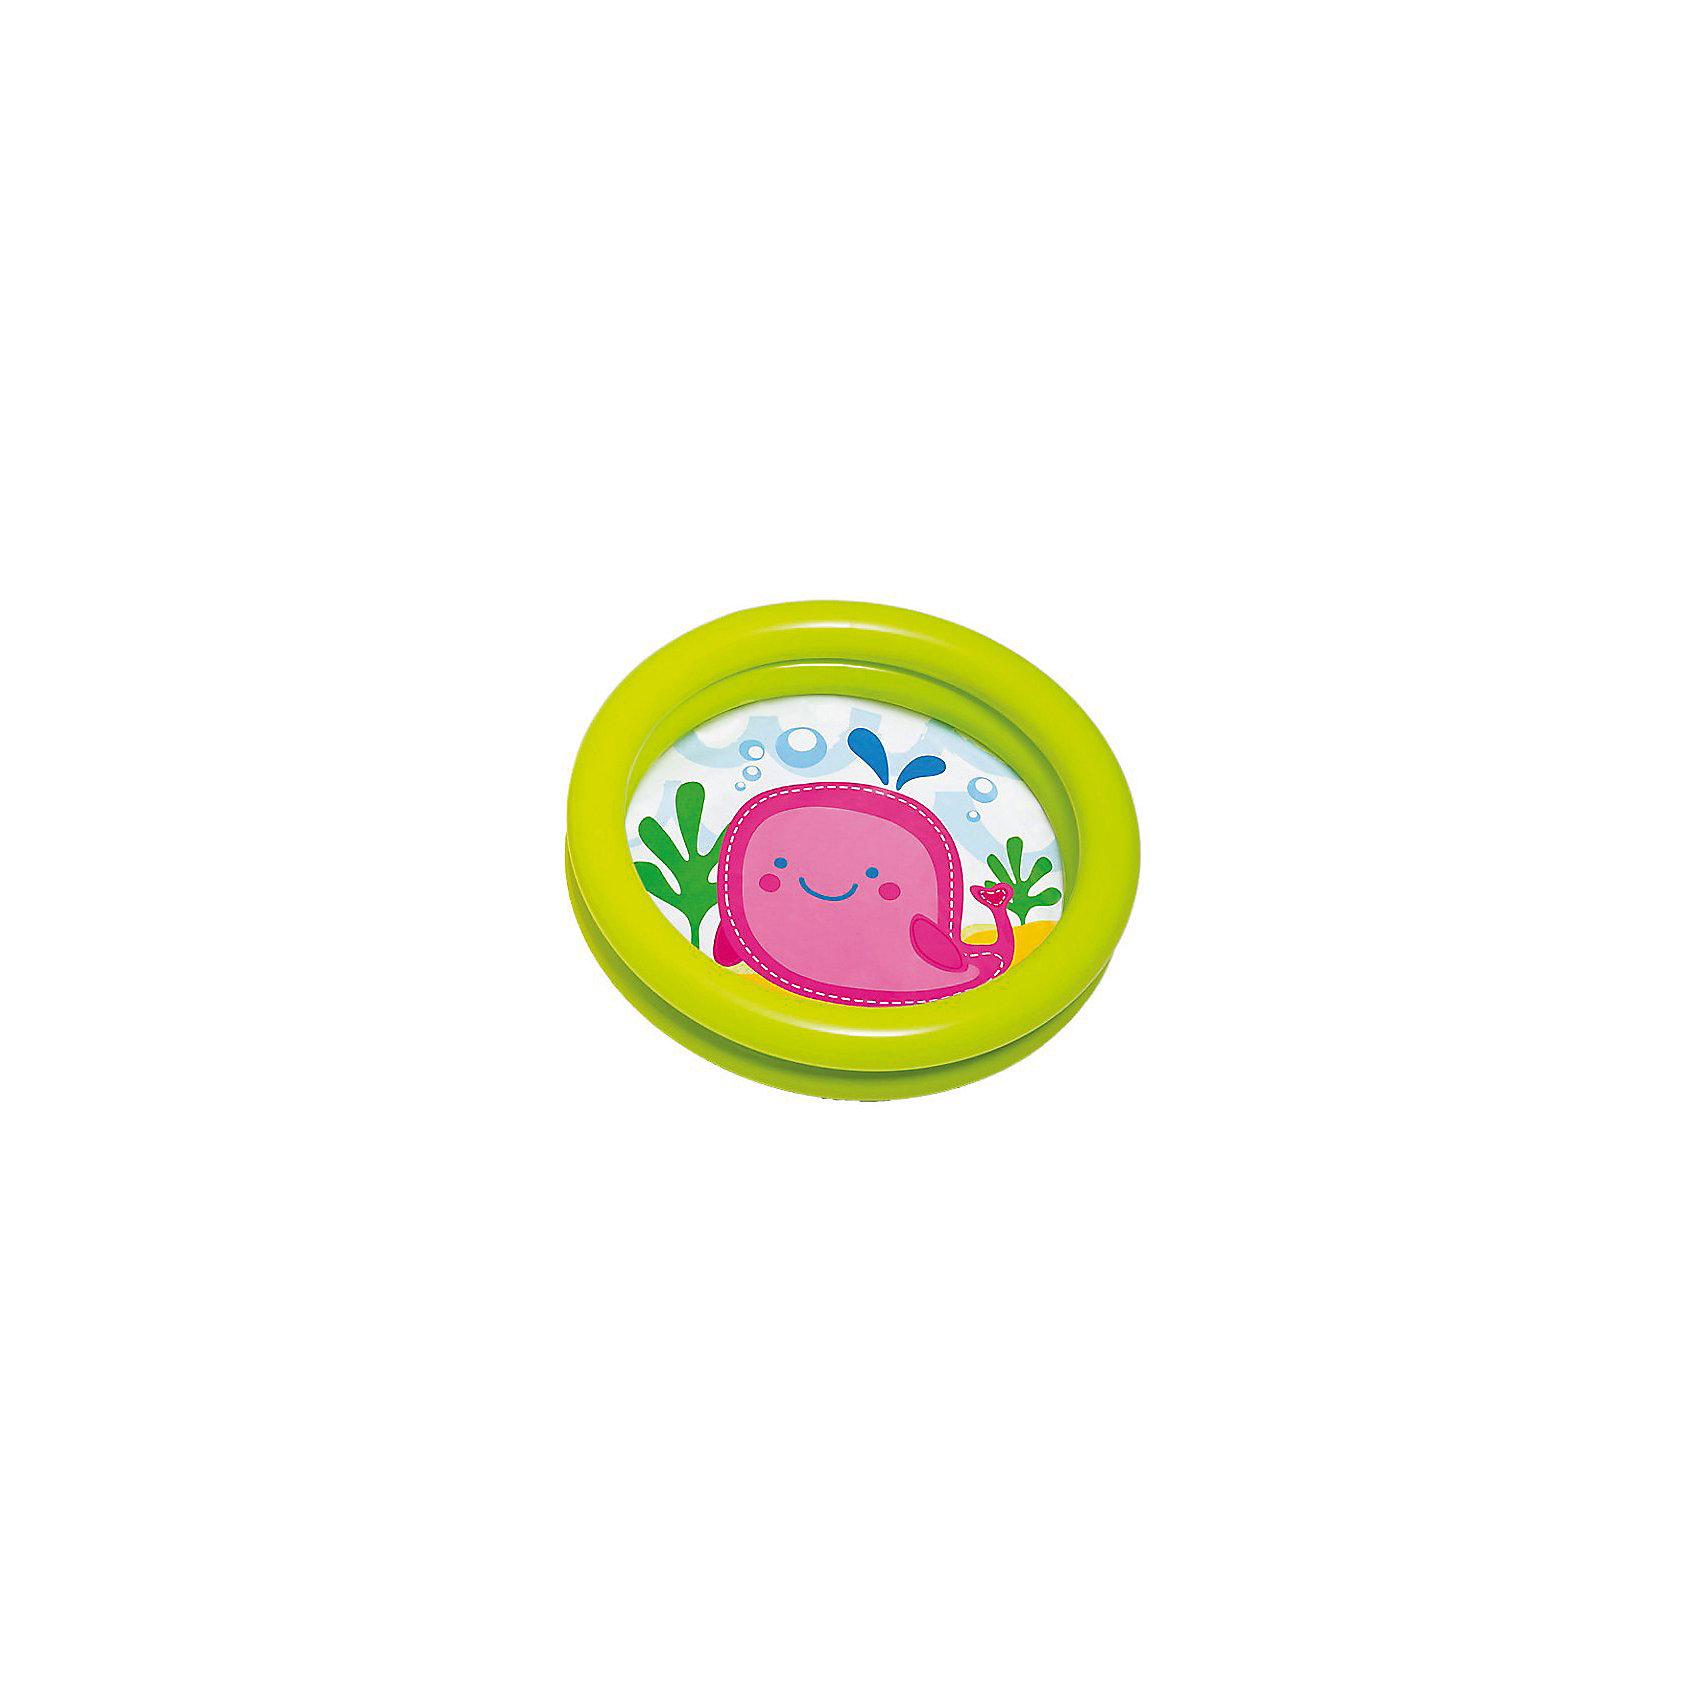 Детский надувной бассейн Кит, IntexБассейны<br>Характеристики товара:<br>• цвет: зеленый<br>• возраст: с 12 мес.<br>• размер бассейна: 61x15 см.<br>• объем: 15 литров при наполнении на 80 %<br>• материал: винил 0,2 мм.<br>• ненадувное дно<br>• ремкоплект прилагается<br>• Вес в упаковке: 0,27 кг.<br><br>Детский надувной бассейн Кит от Intex (Интекс) предназначен для самых маленьких. <br><br>При желании бассейн можно использовать как ванночку для купания. <br><br>Низкие бортики позволят ребенку самостоятельно забраться в бассейн, а картинка на дне сделает водные игры еще интереснее. <br><br>Бортики бассейна представляют собой две воздушных камеры, которые надуваются независимо друг от друга.<br><br>Детский надувной бассейн Кит, зеленый, Intex (Интекс) можно купить в нашем интернет-магазине.<br><br>Ширина мм: 284<br>Глубина мм: 258<br>Высота мм: 40<br>Вес г: 257<br>Возраст от месяцев: 12<br>Возраст до месяцев: 36<br>Пол: Унисекс<br>Возраст: Детский<br>SKU: 5480579